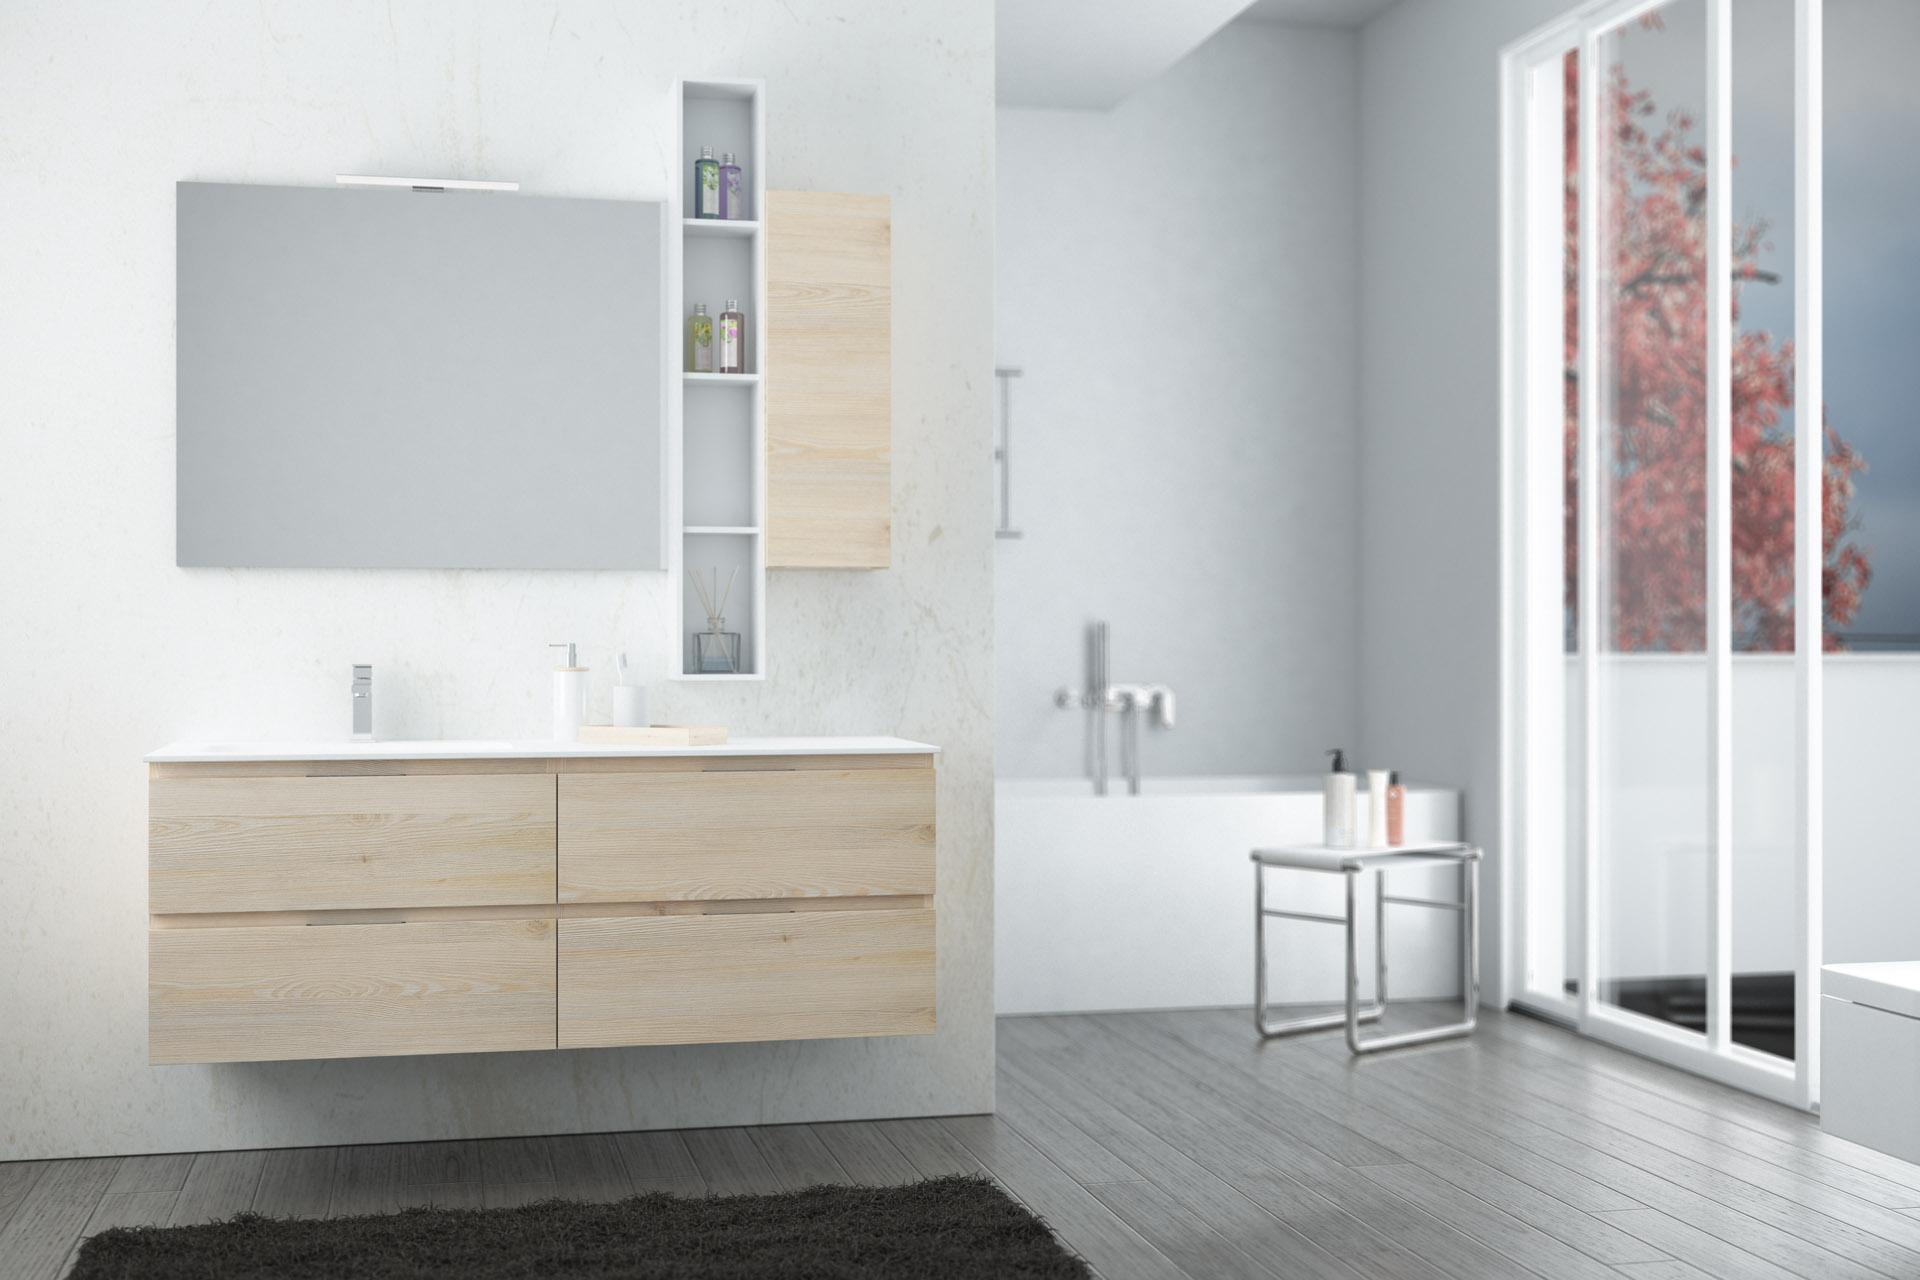 rendering-3d-ambienti-bagno-3